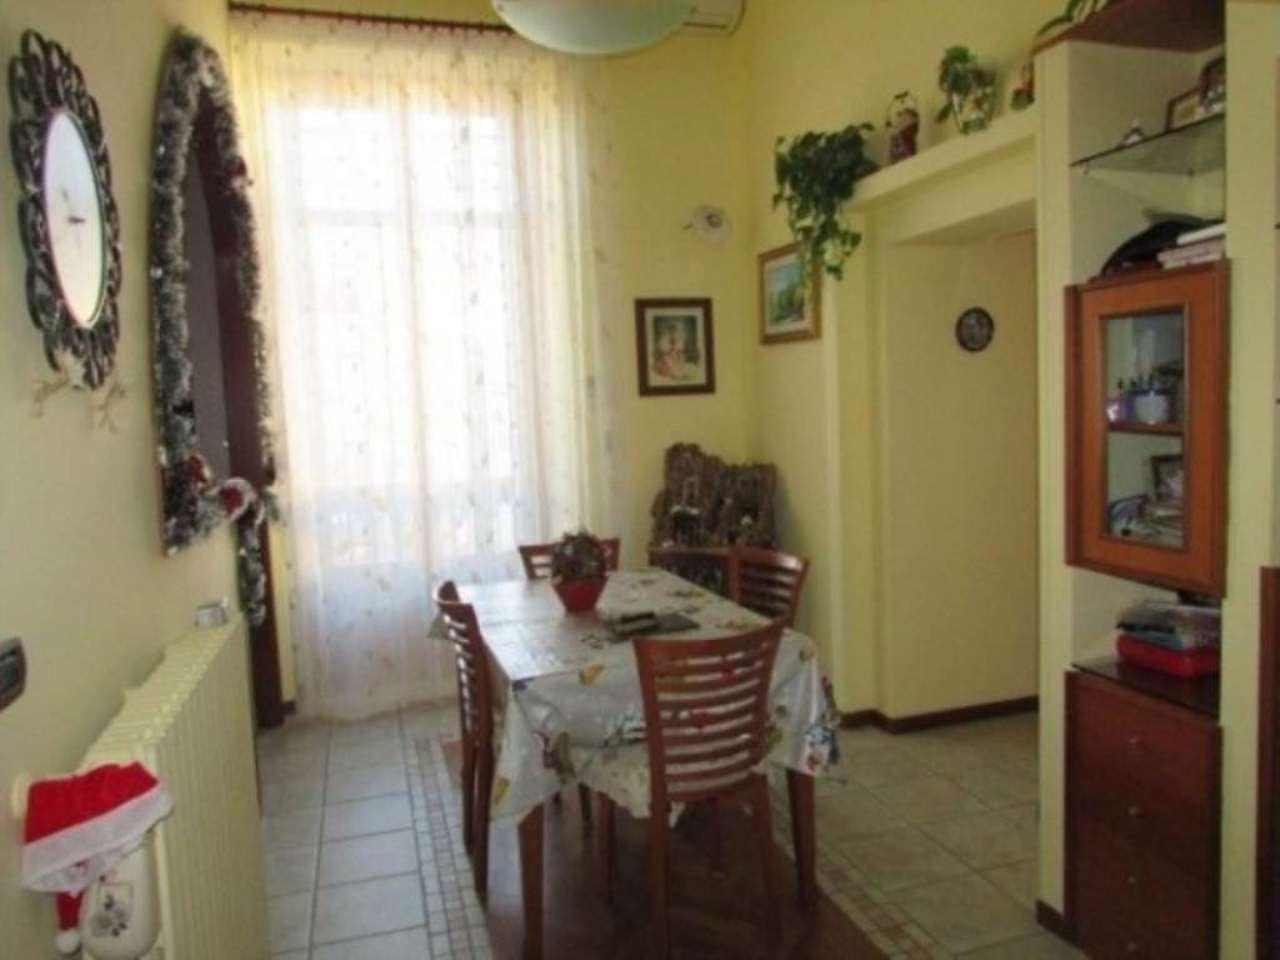 Appartamento in vendita a Foggia, 3 locali, prezzo € 115.000 | CambioCasa.it